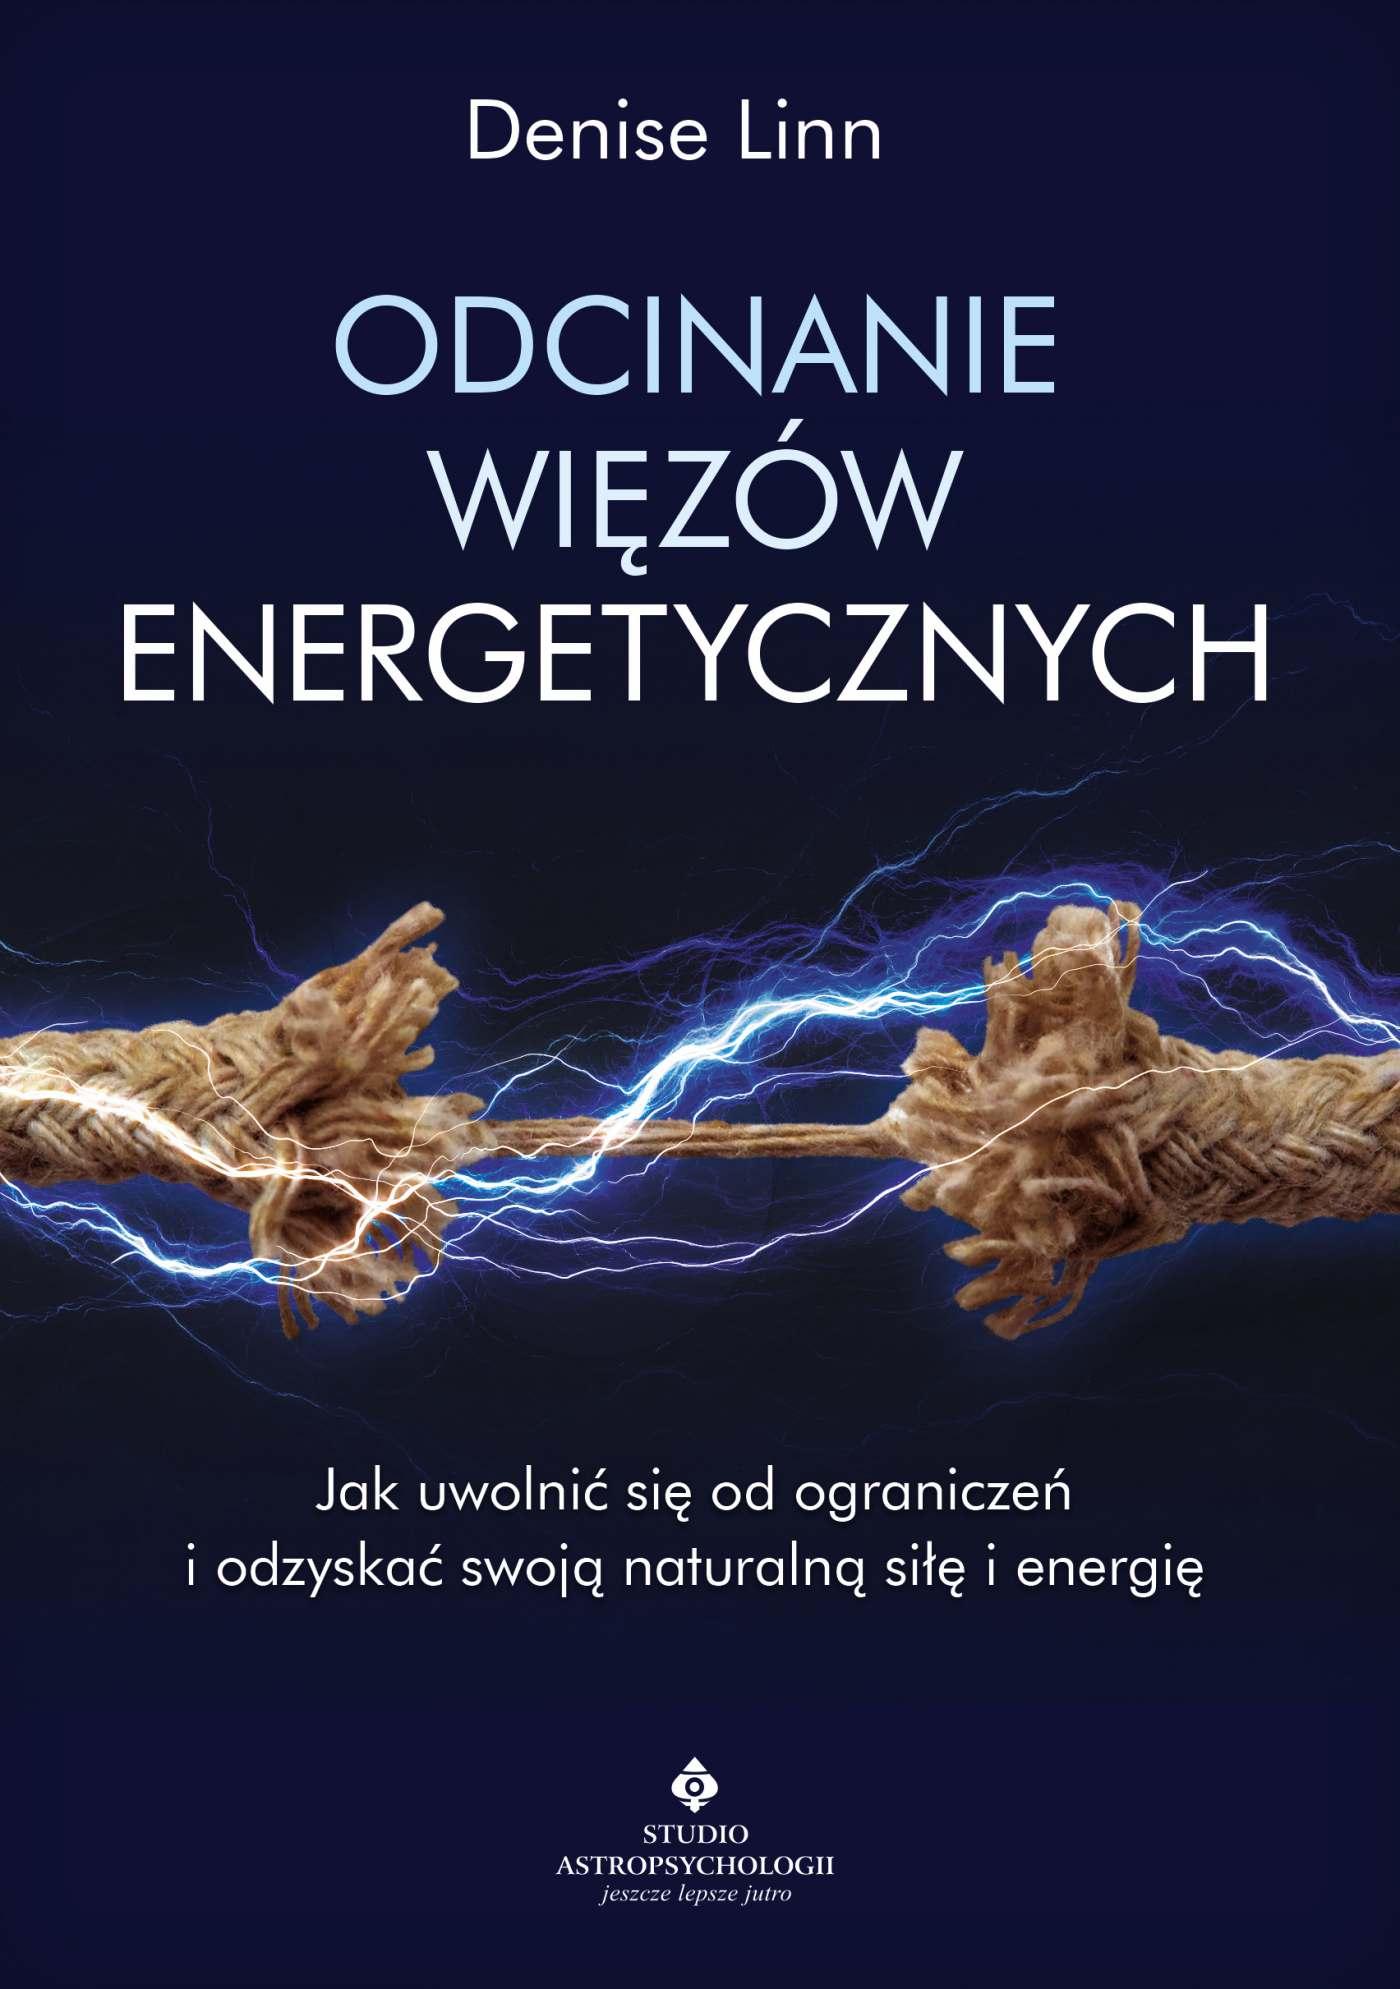 Odcinanie więzów energetycznych. Jak uwolnić się od ograniczeń i odzyskać swoją naturalną siłę i energię - Ebook (Książka na Kindle) do pobrania w formacie MOBI